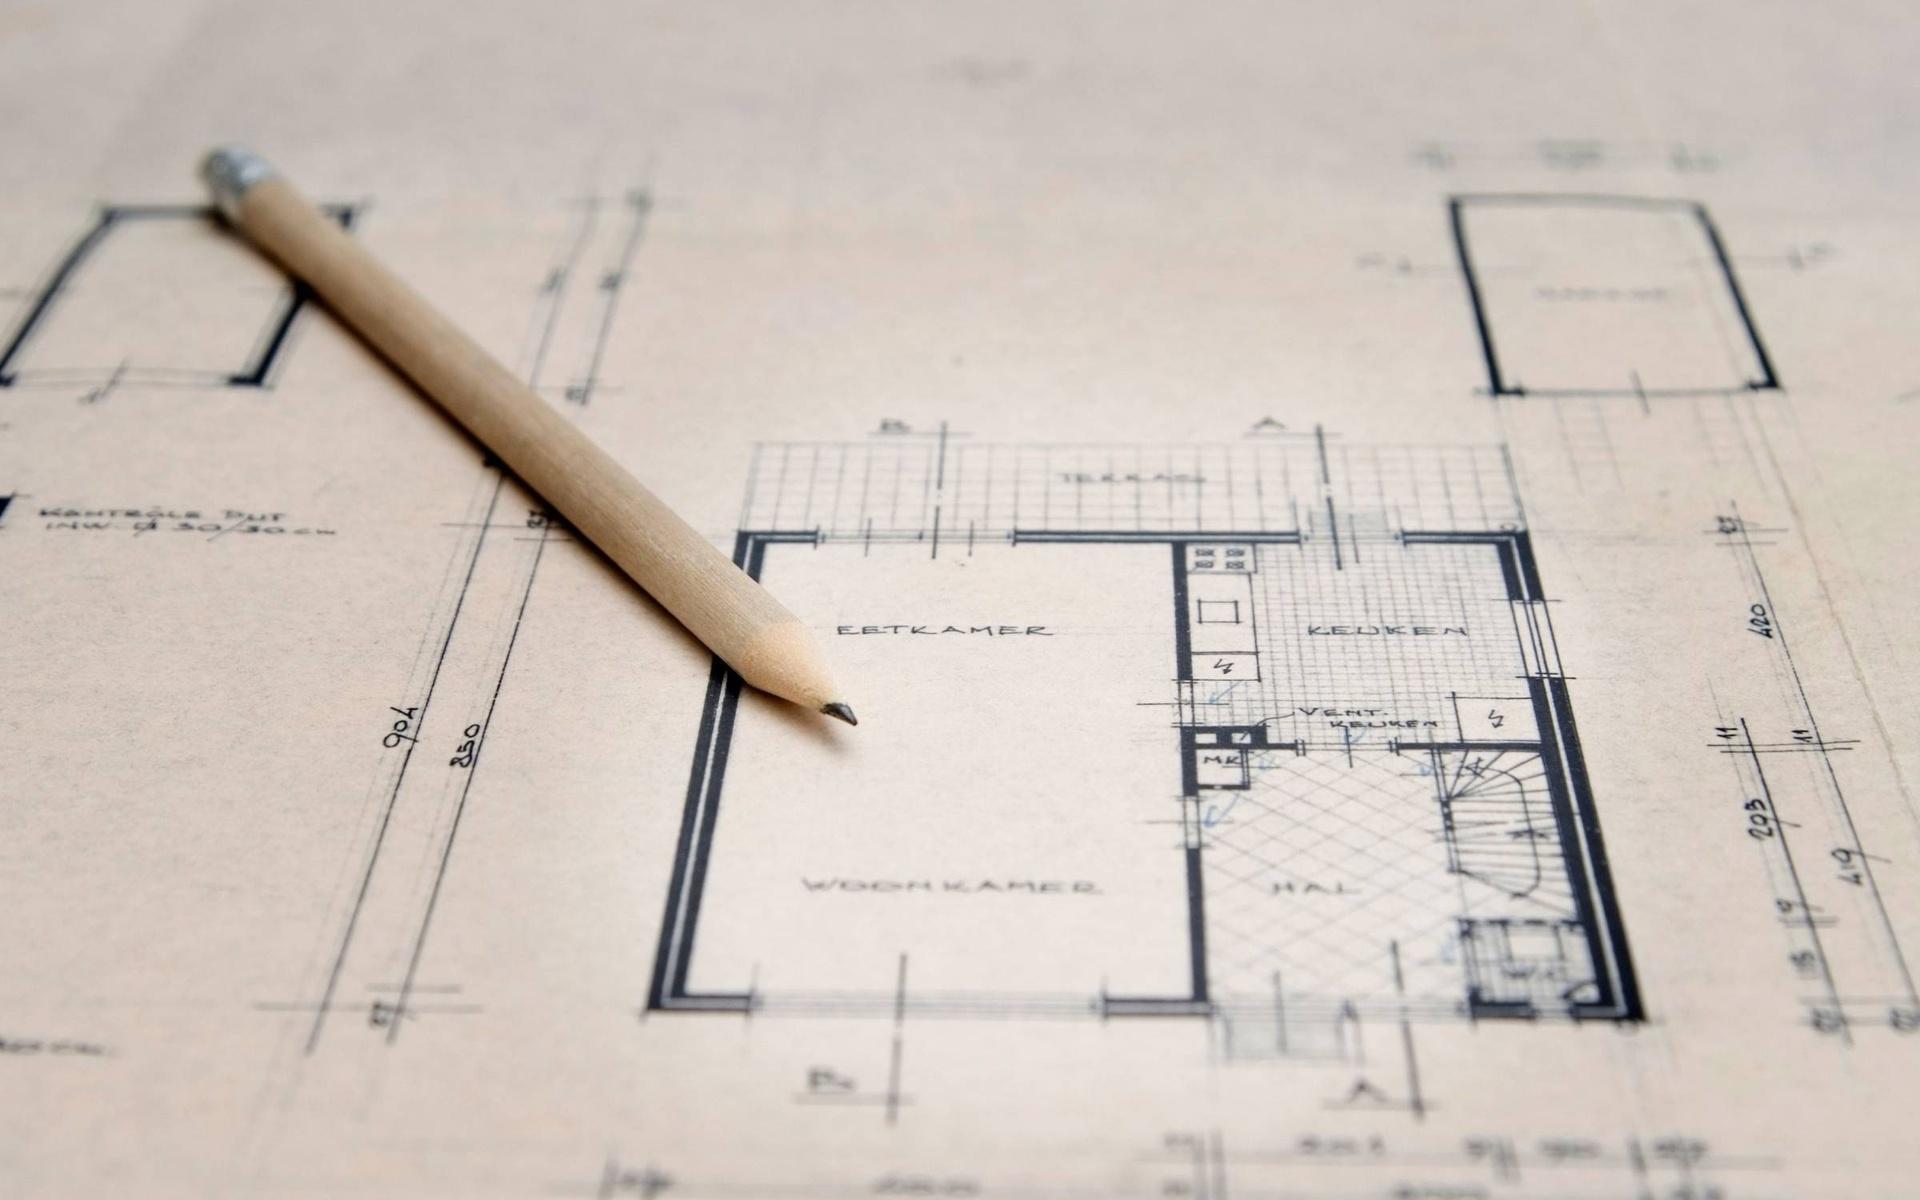 plan wallpaper